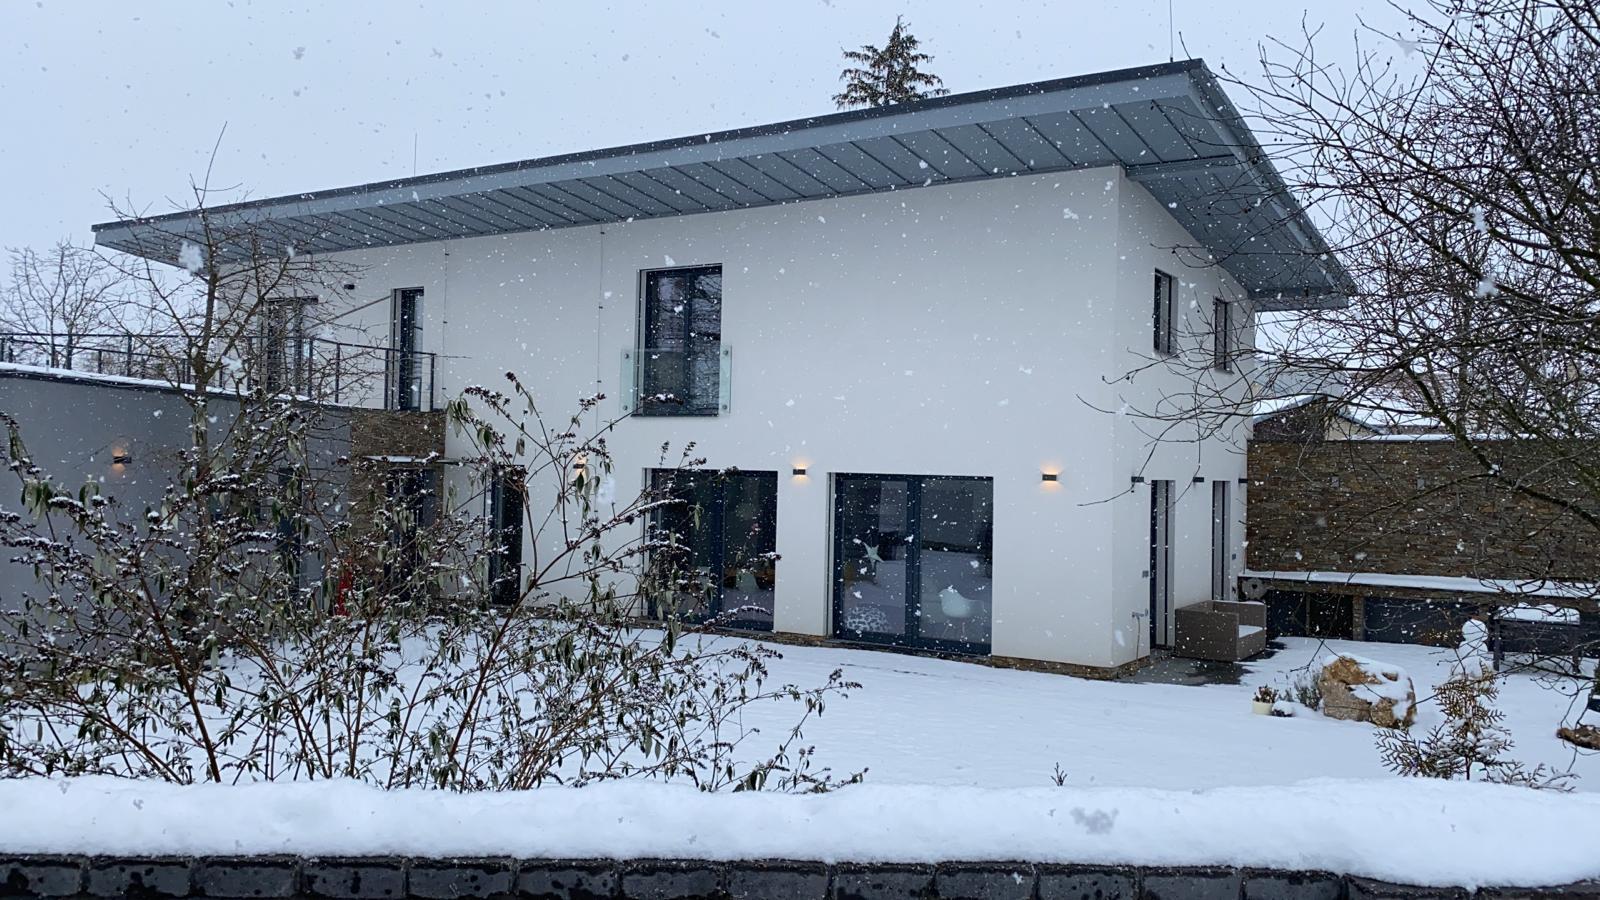 Náš domeček pod sněhem ❄️❄️❄️ - Obrázek č. 1